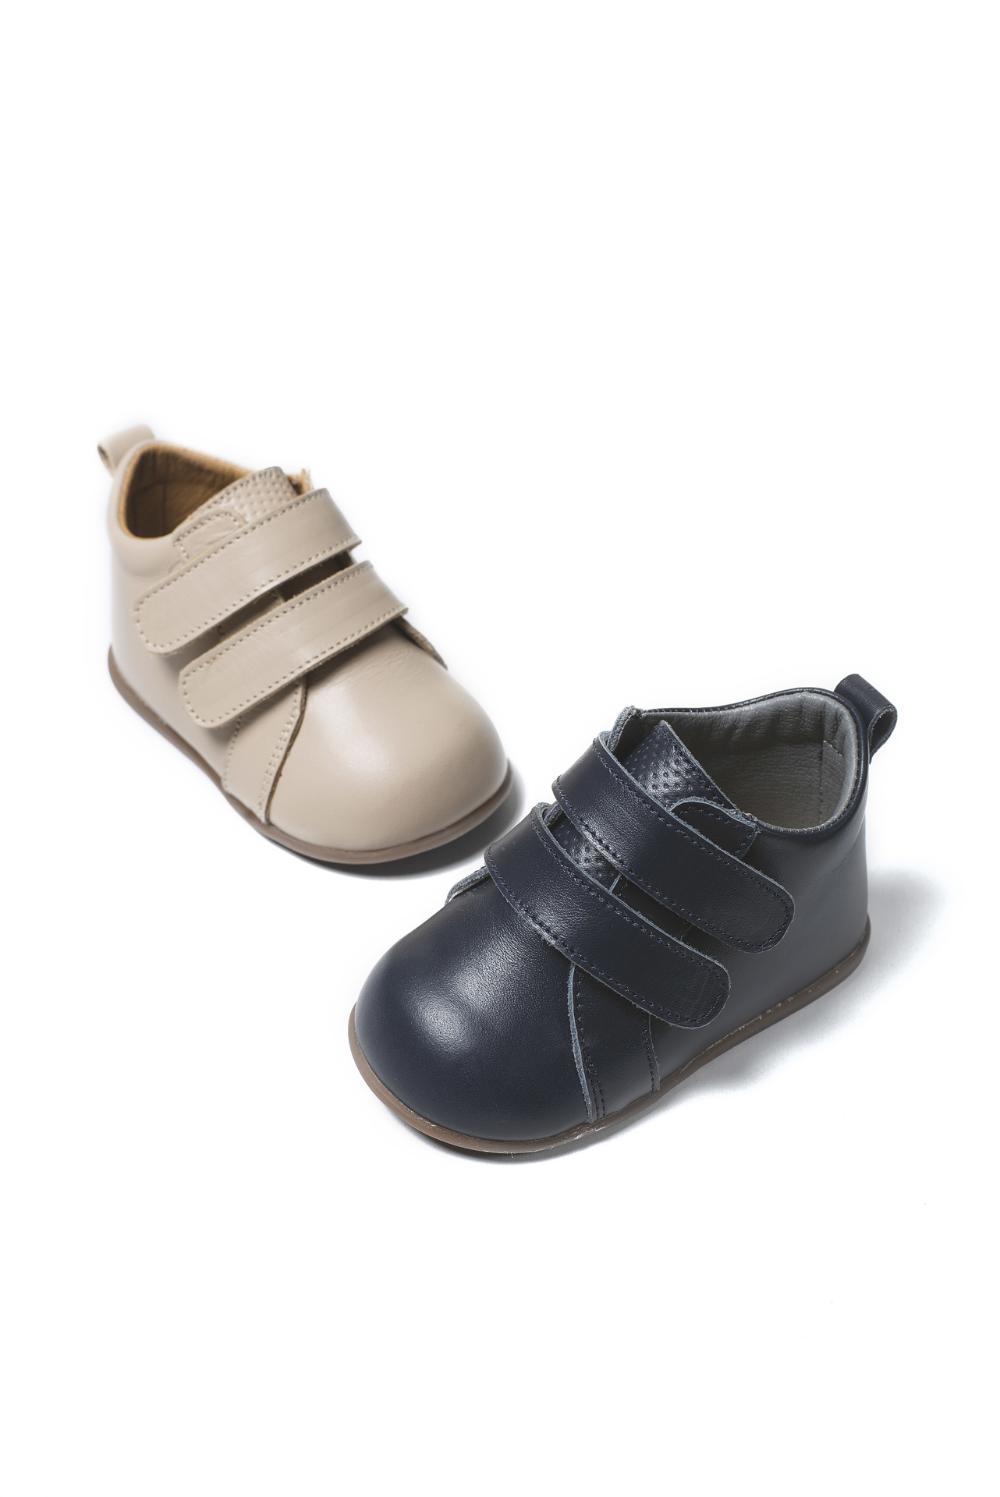 βαπτιστικά παπούτσια babywalker για αγόρι, annassecret in